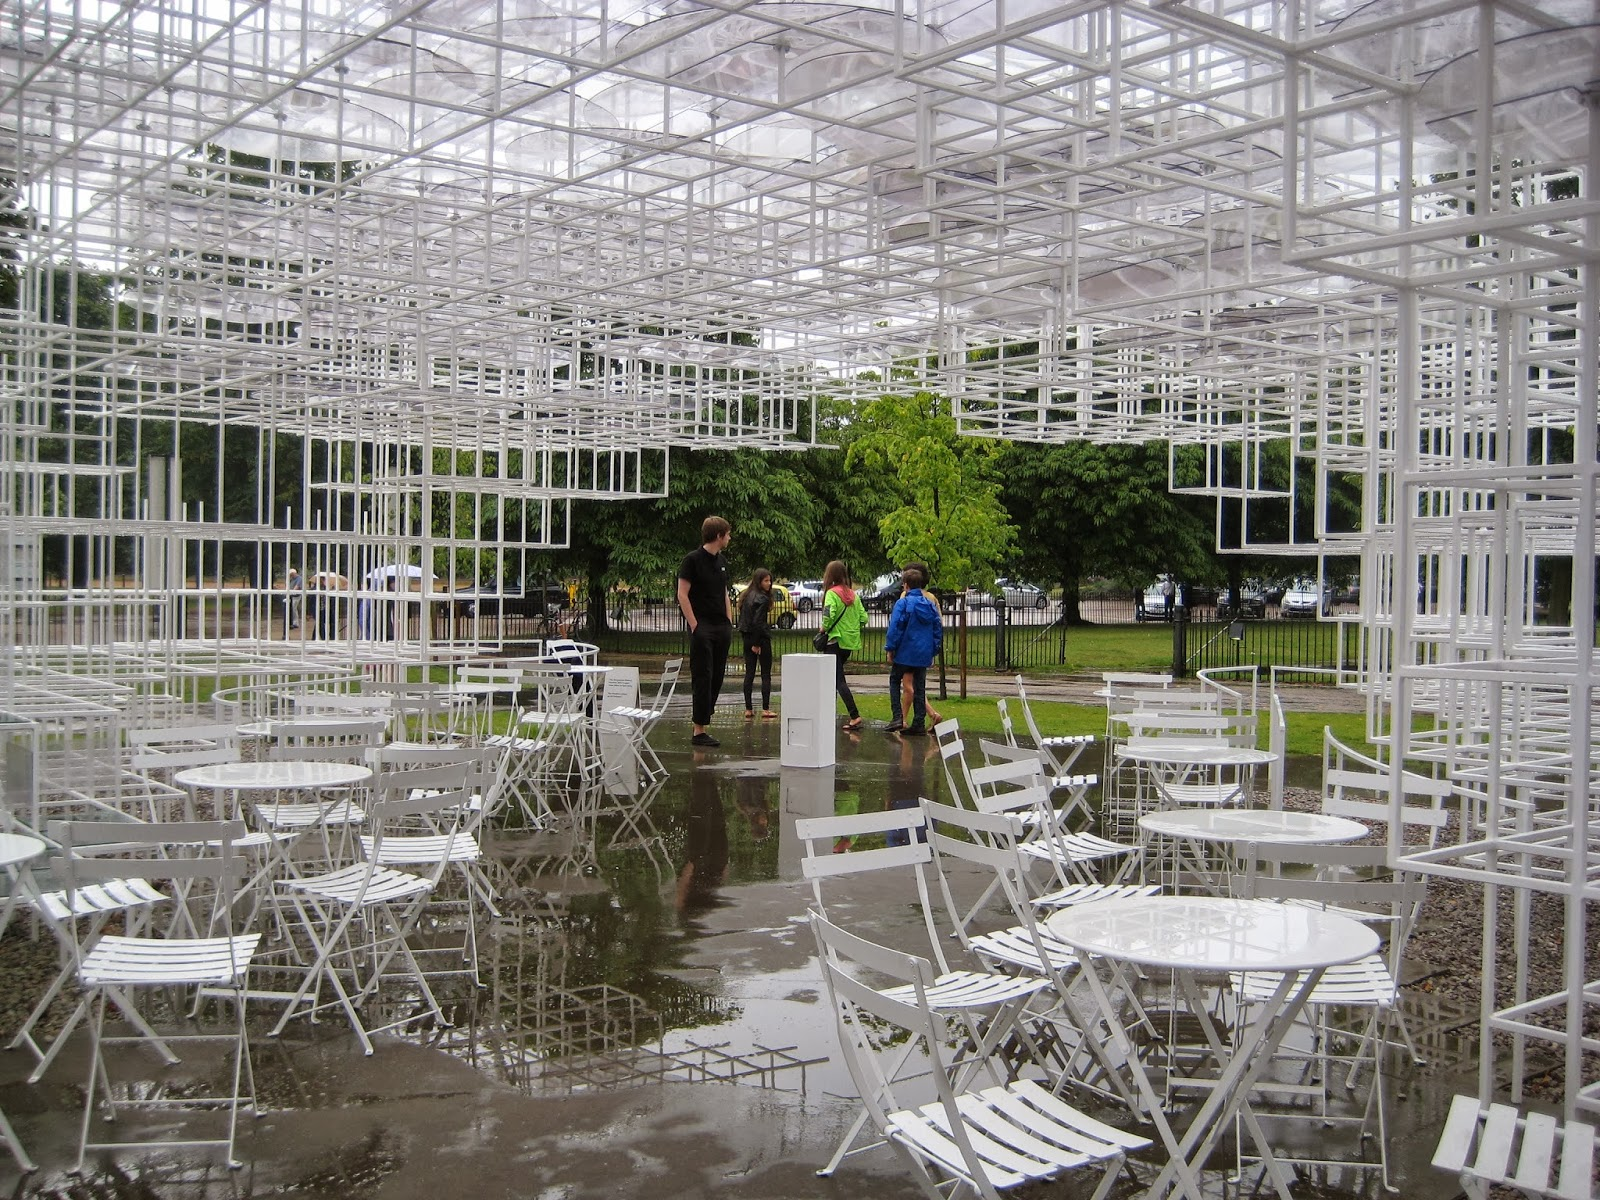 Dg arquitecto recomienda sou fujimoto dg arquitecto - Trabajo arquitecto valencia ...